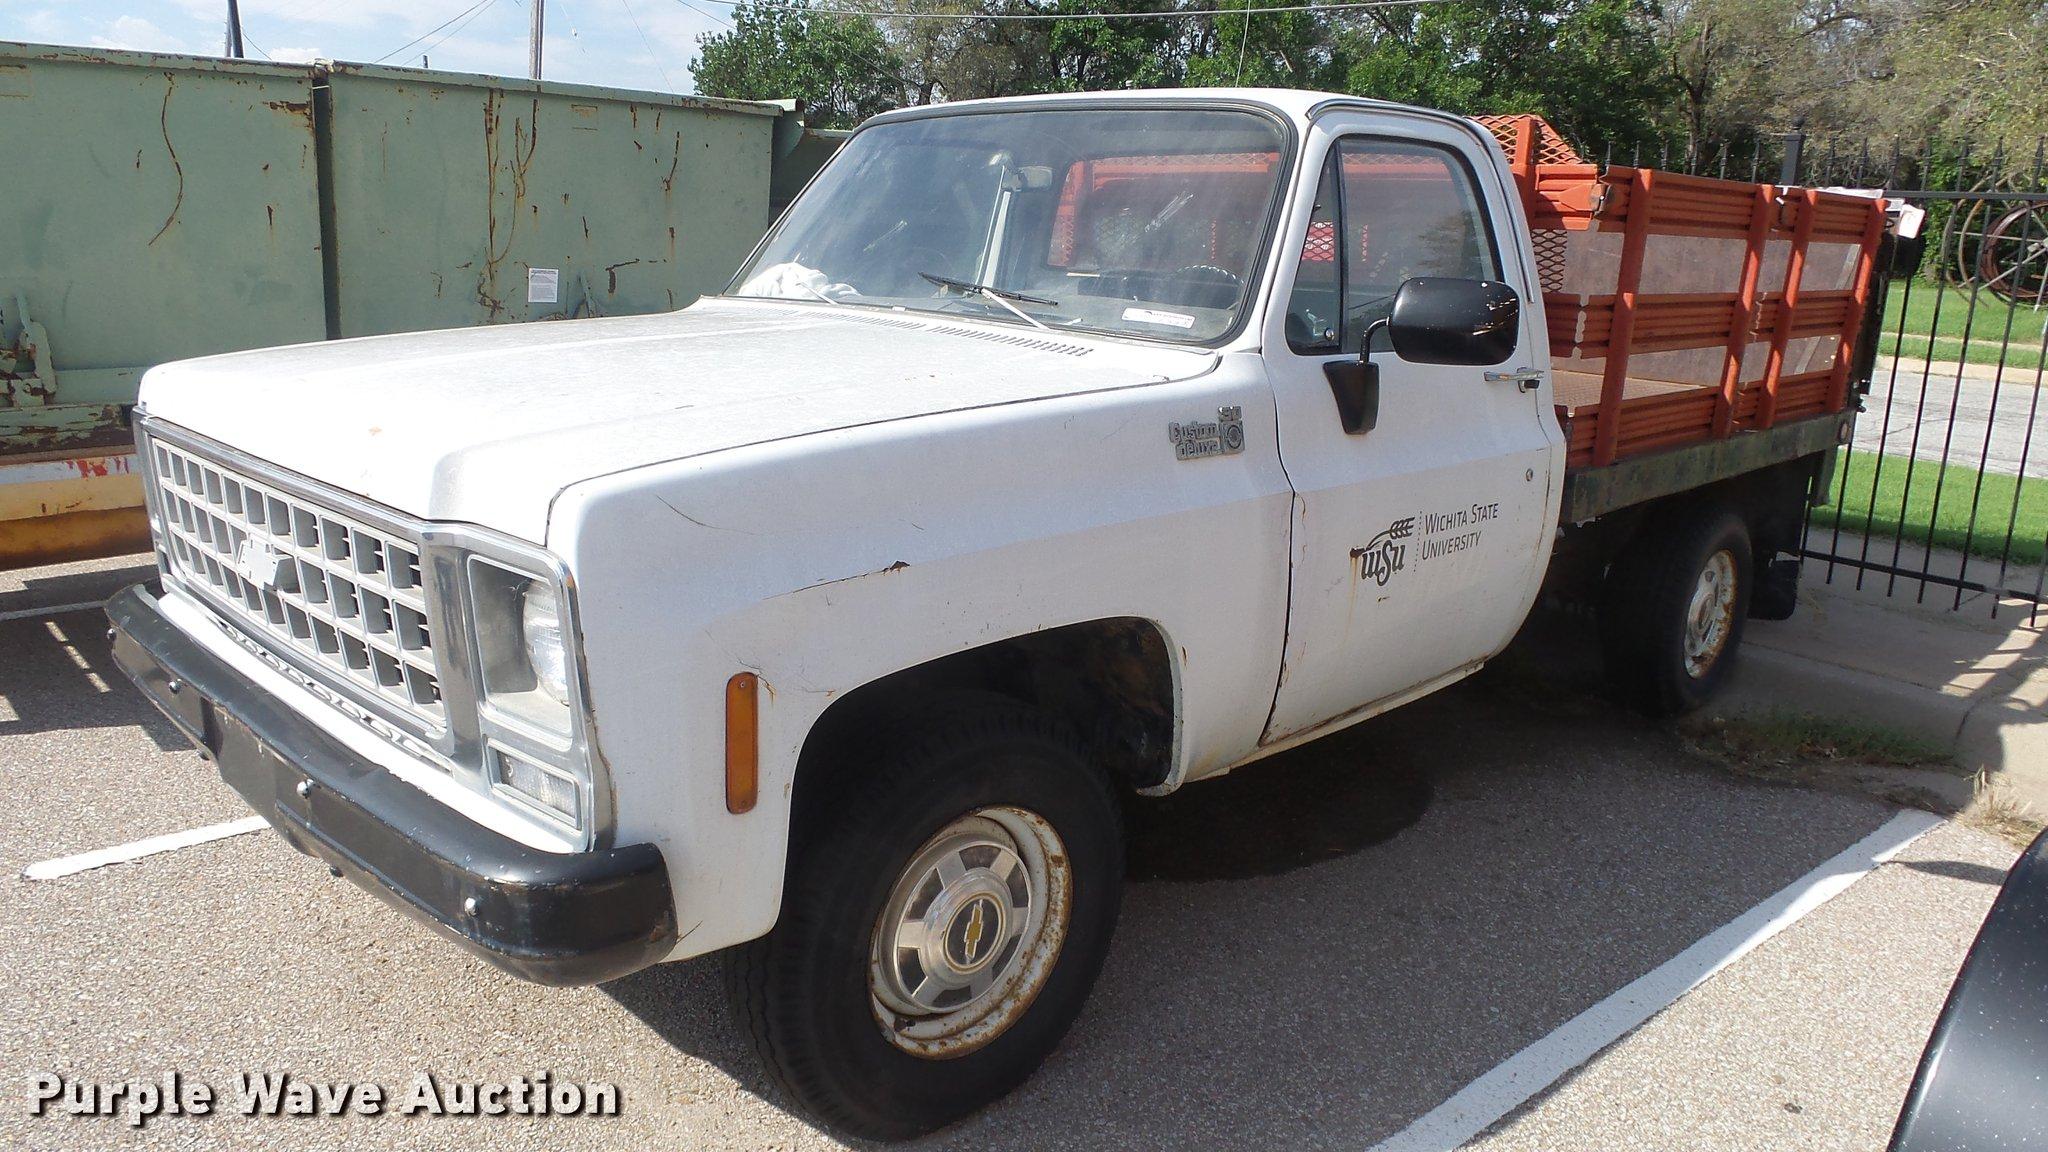 1980 Chevrolet Custom Deluxe 30 Flatbed Pickup Truck In Wichita Ks Item Bl9028 Sold Purple Wave